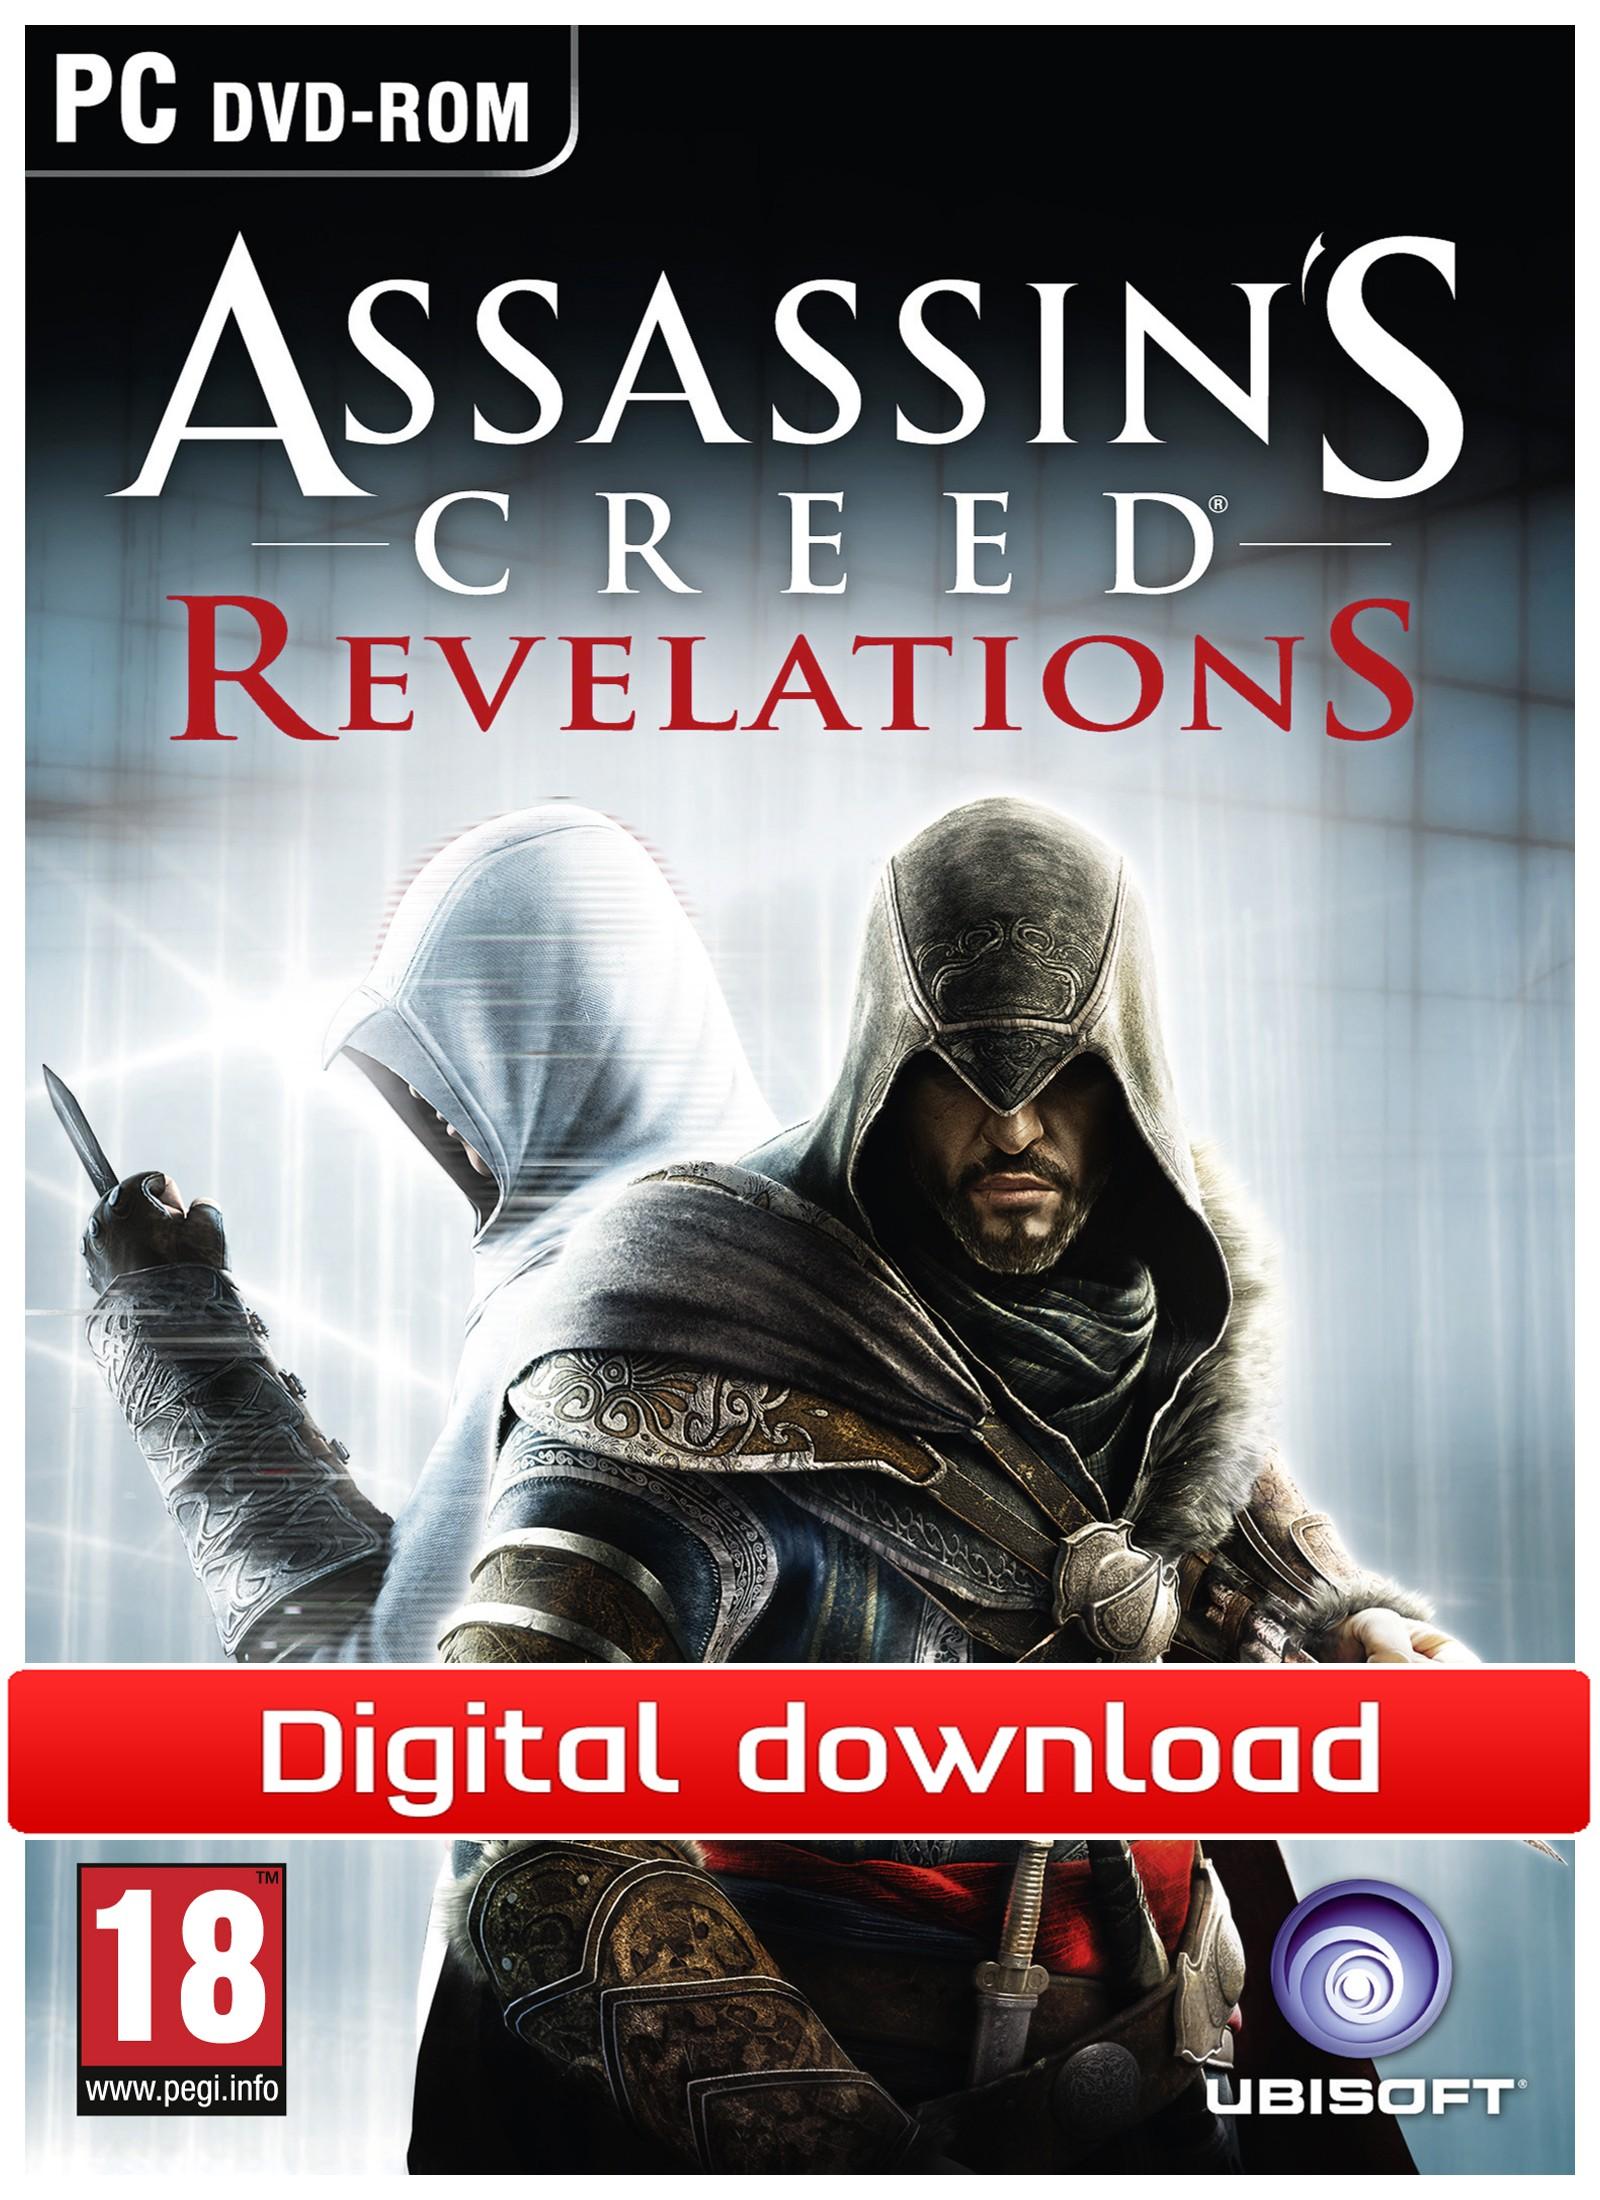 Assassins Creed: Revelations (PC nedlastning) PCDD27175